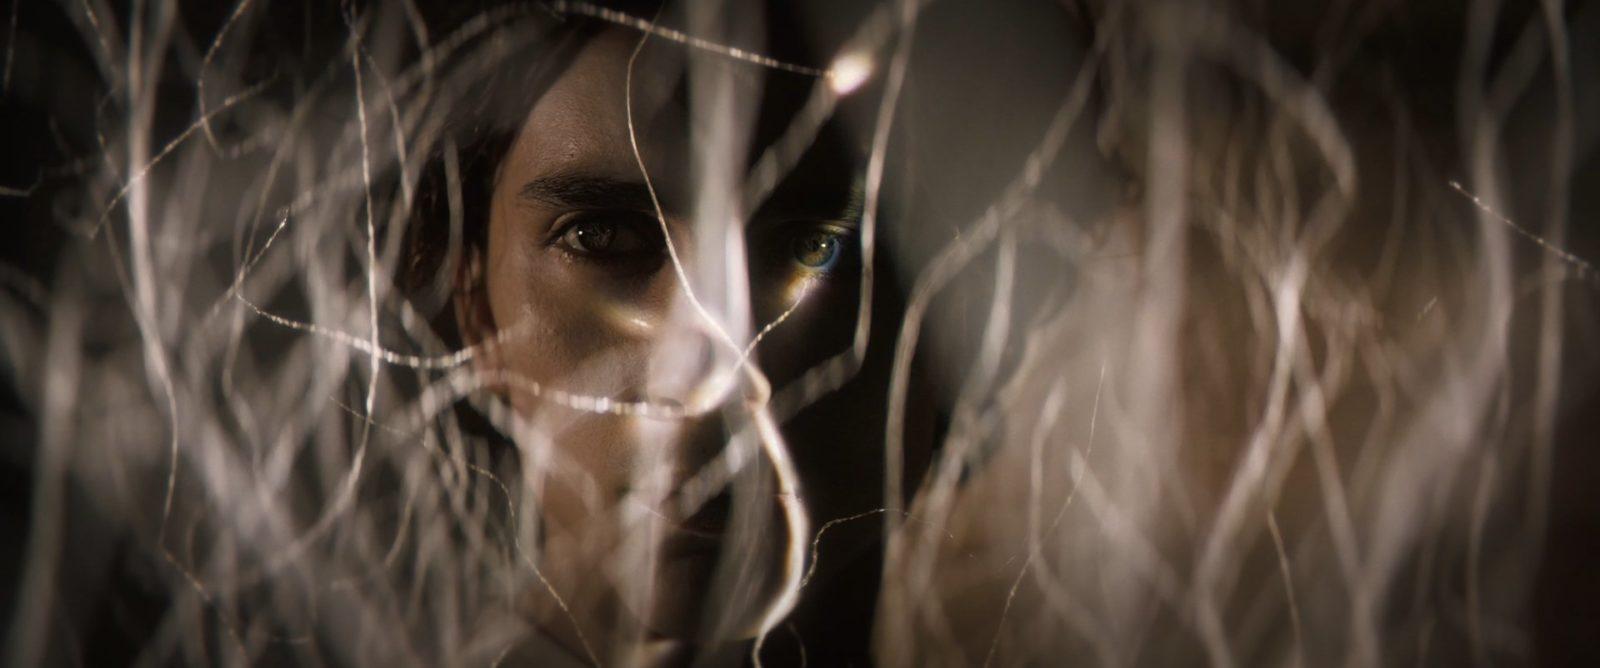 Paul Atreides (Timothée Chalame) em Duna, filme de 2021